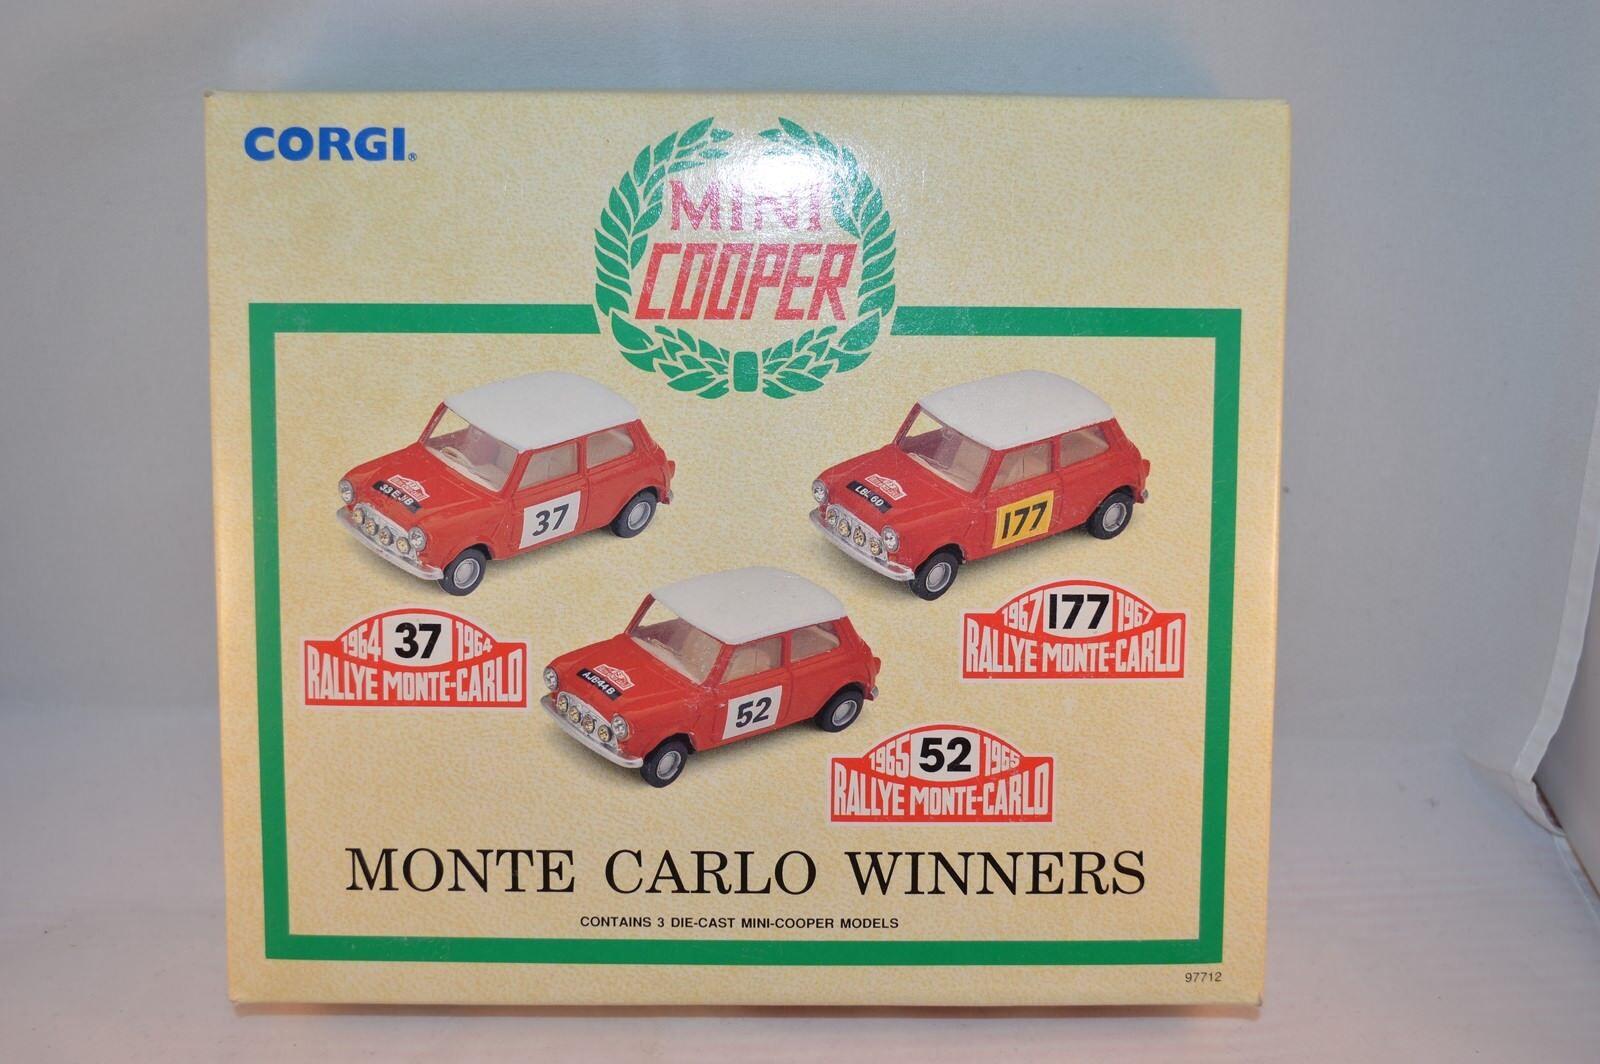 Corgi 97712 Mini Cooper Monte Carlo Winners 1 43 mint in box